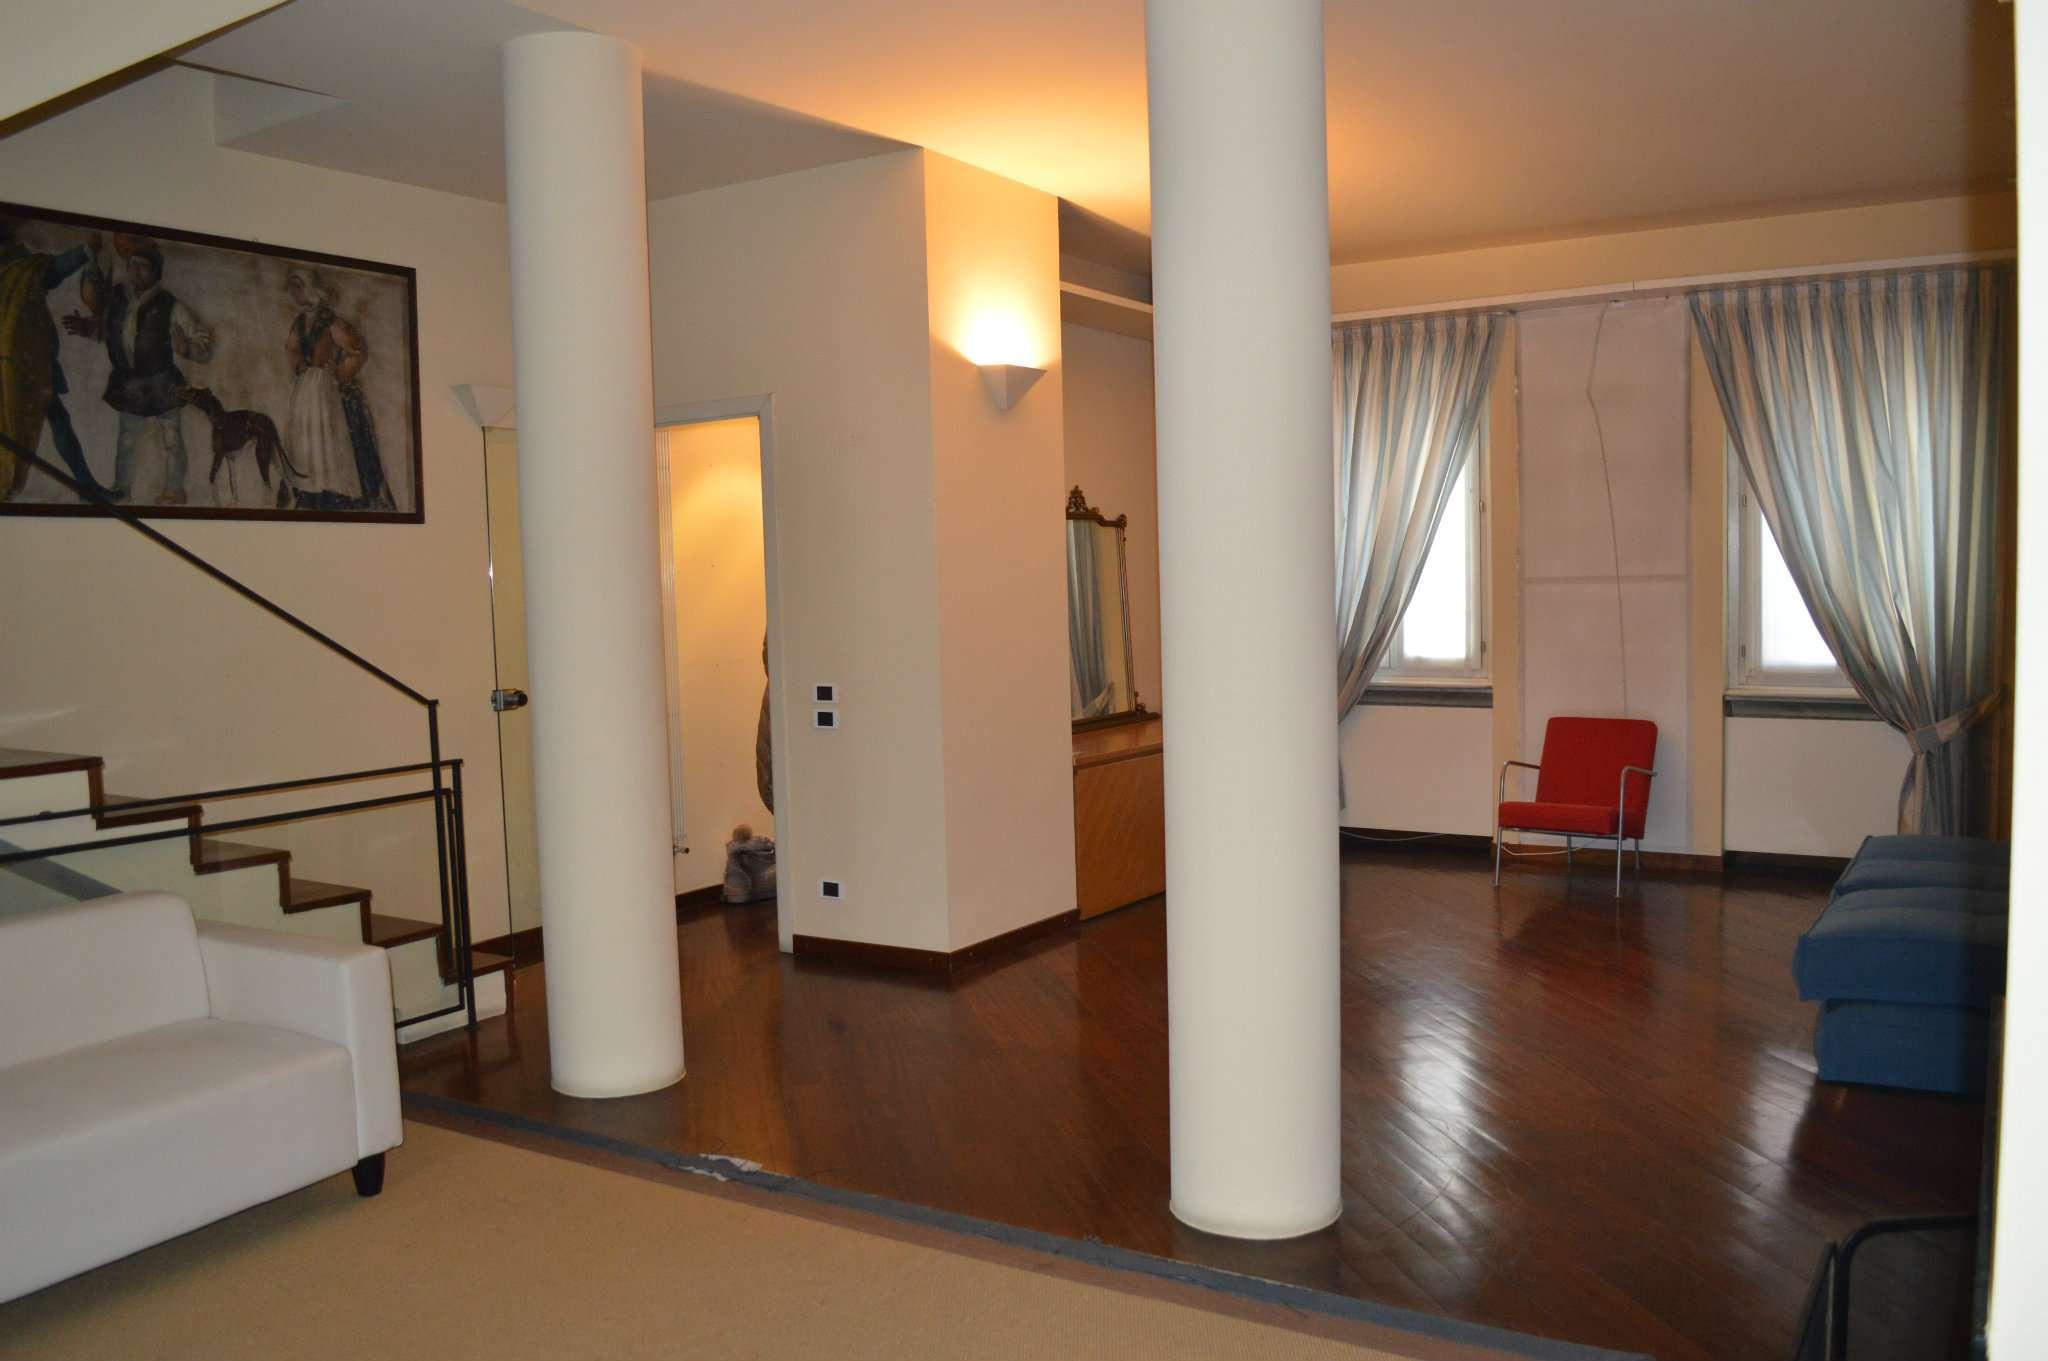 Casa indipendente in Vendita a Milano 03 Venezia / Piave / Buenos Aires: 5 locali, 280 mq